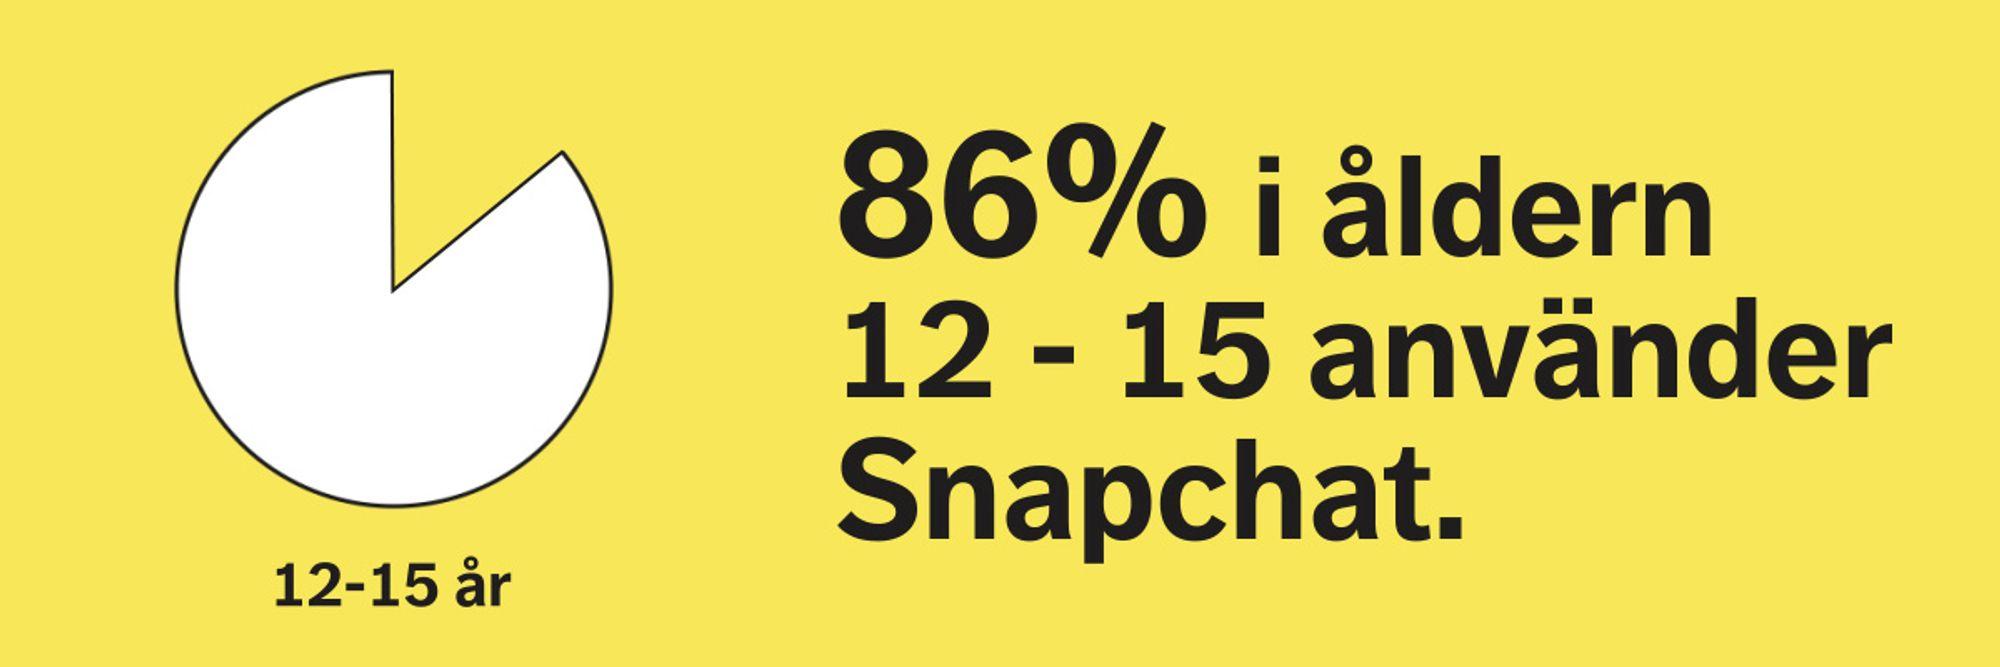 Unga mellan 12 till 15 använder Snapchat